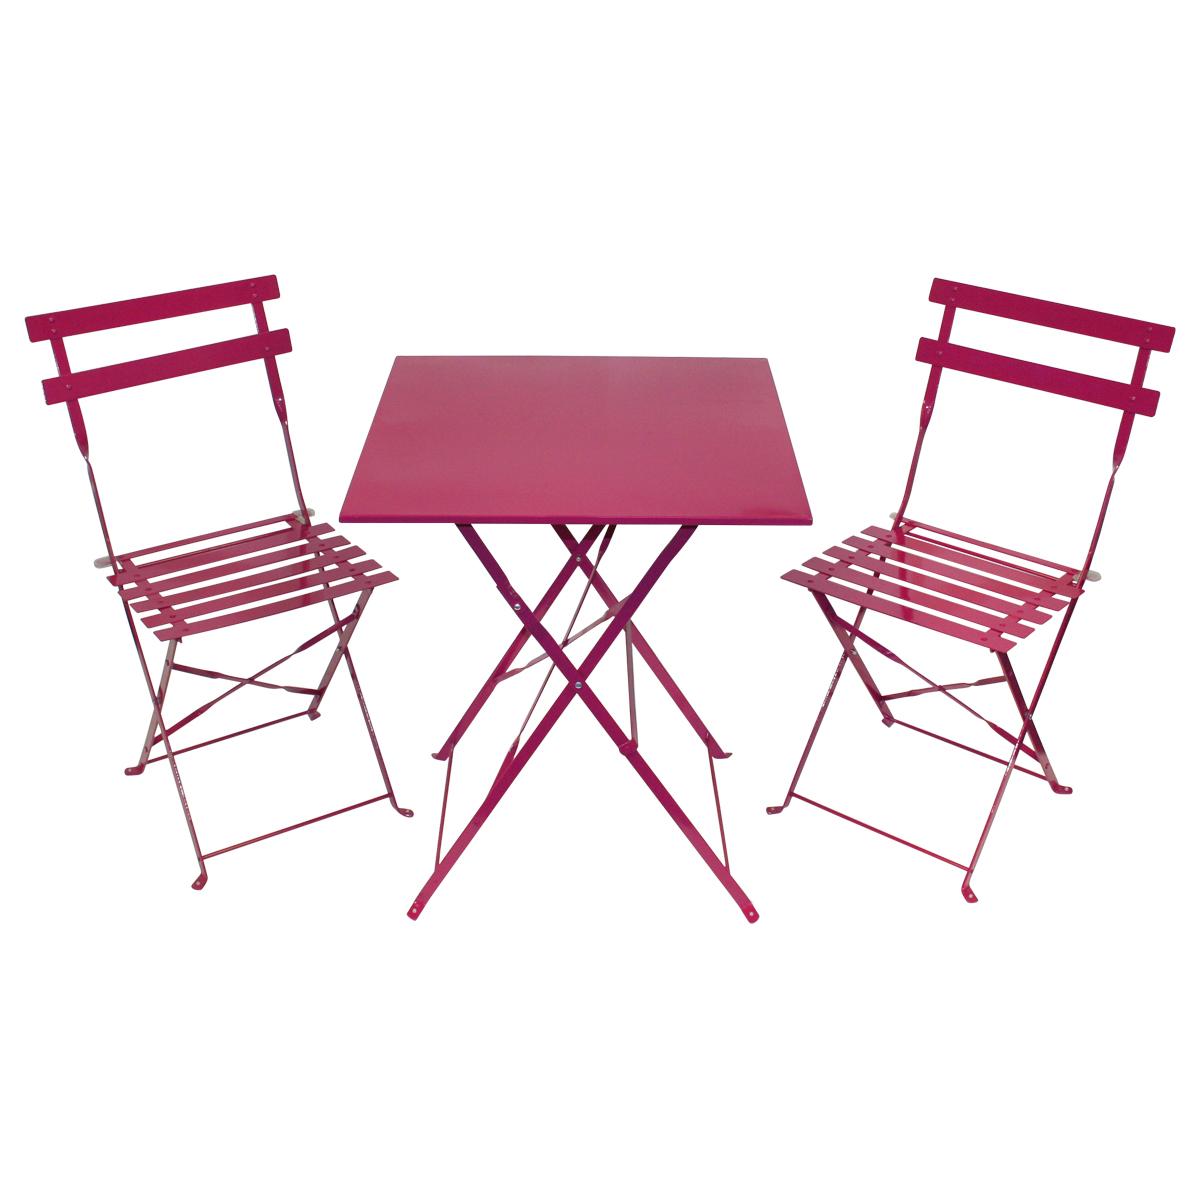 bentley garden gartenm bel set im bistro stil tisch 2 st hle metall. Black Bedroom Furniture Sets. Home Design Ideas